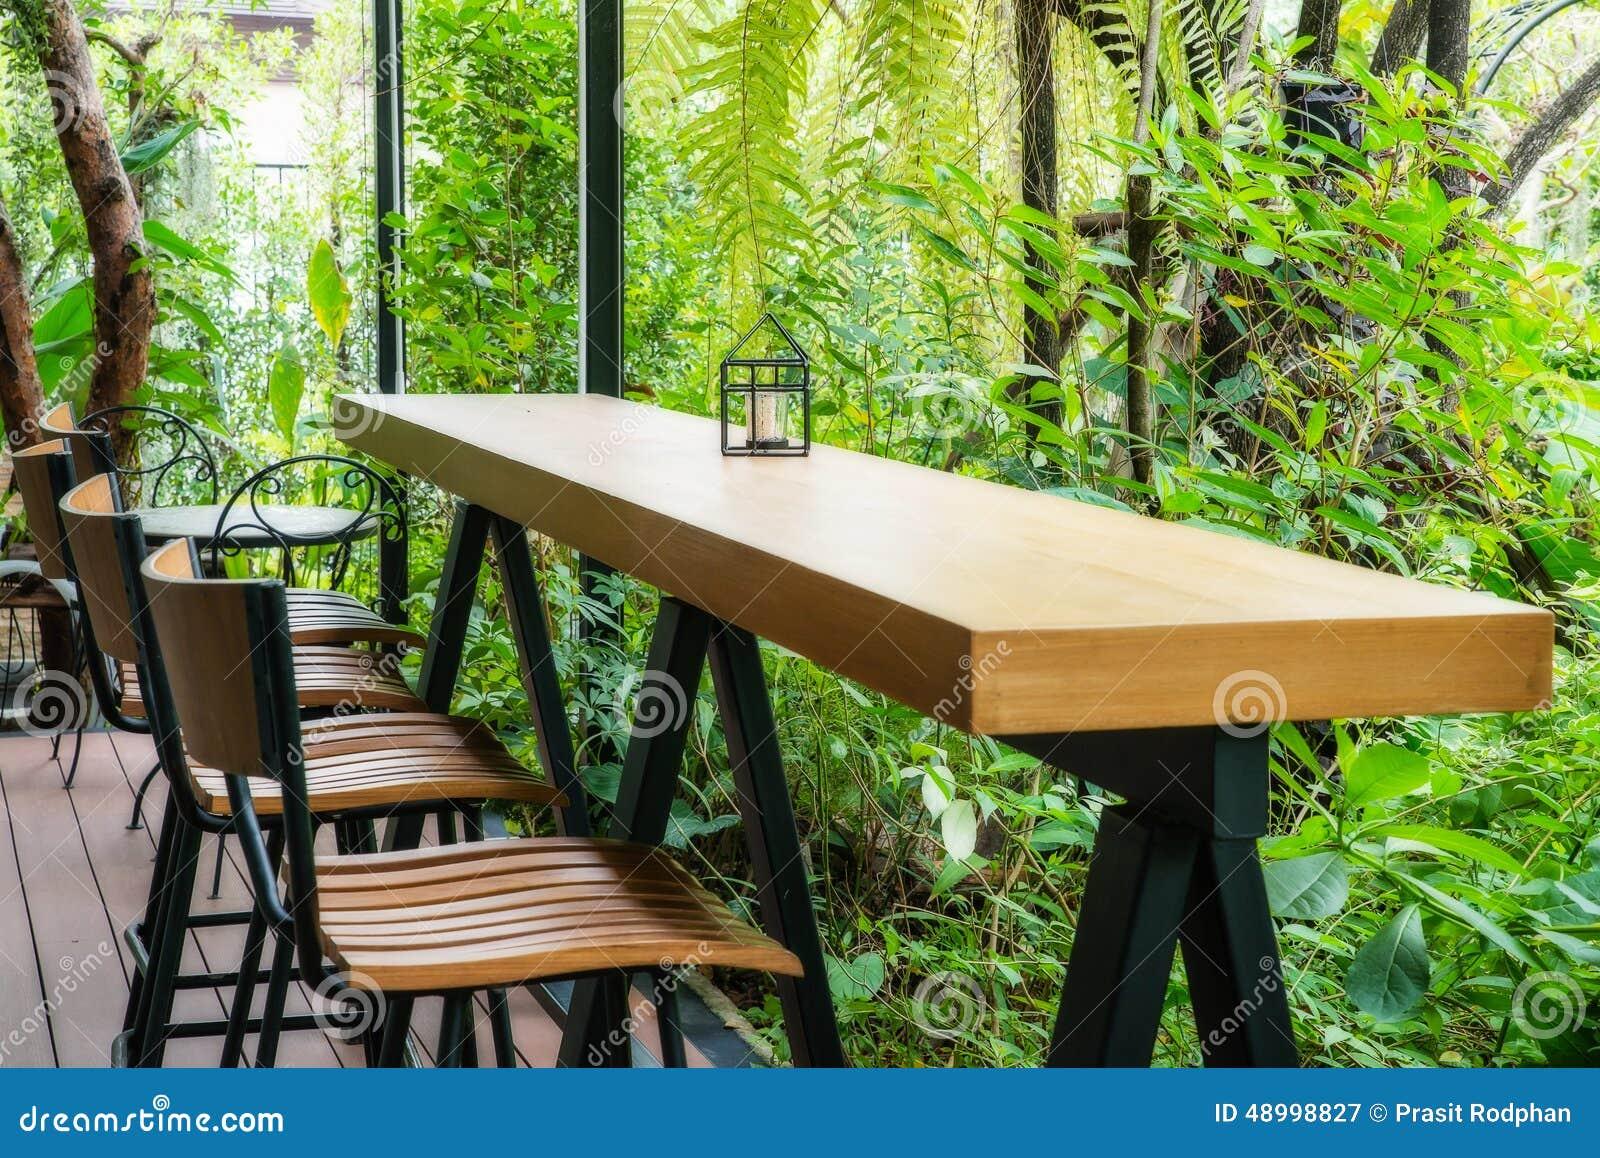 Tavolino Salotto Verde : Tavolino da salotto e sedia nel giardino verde immagine stock